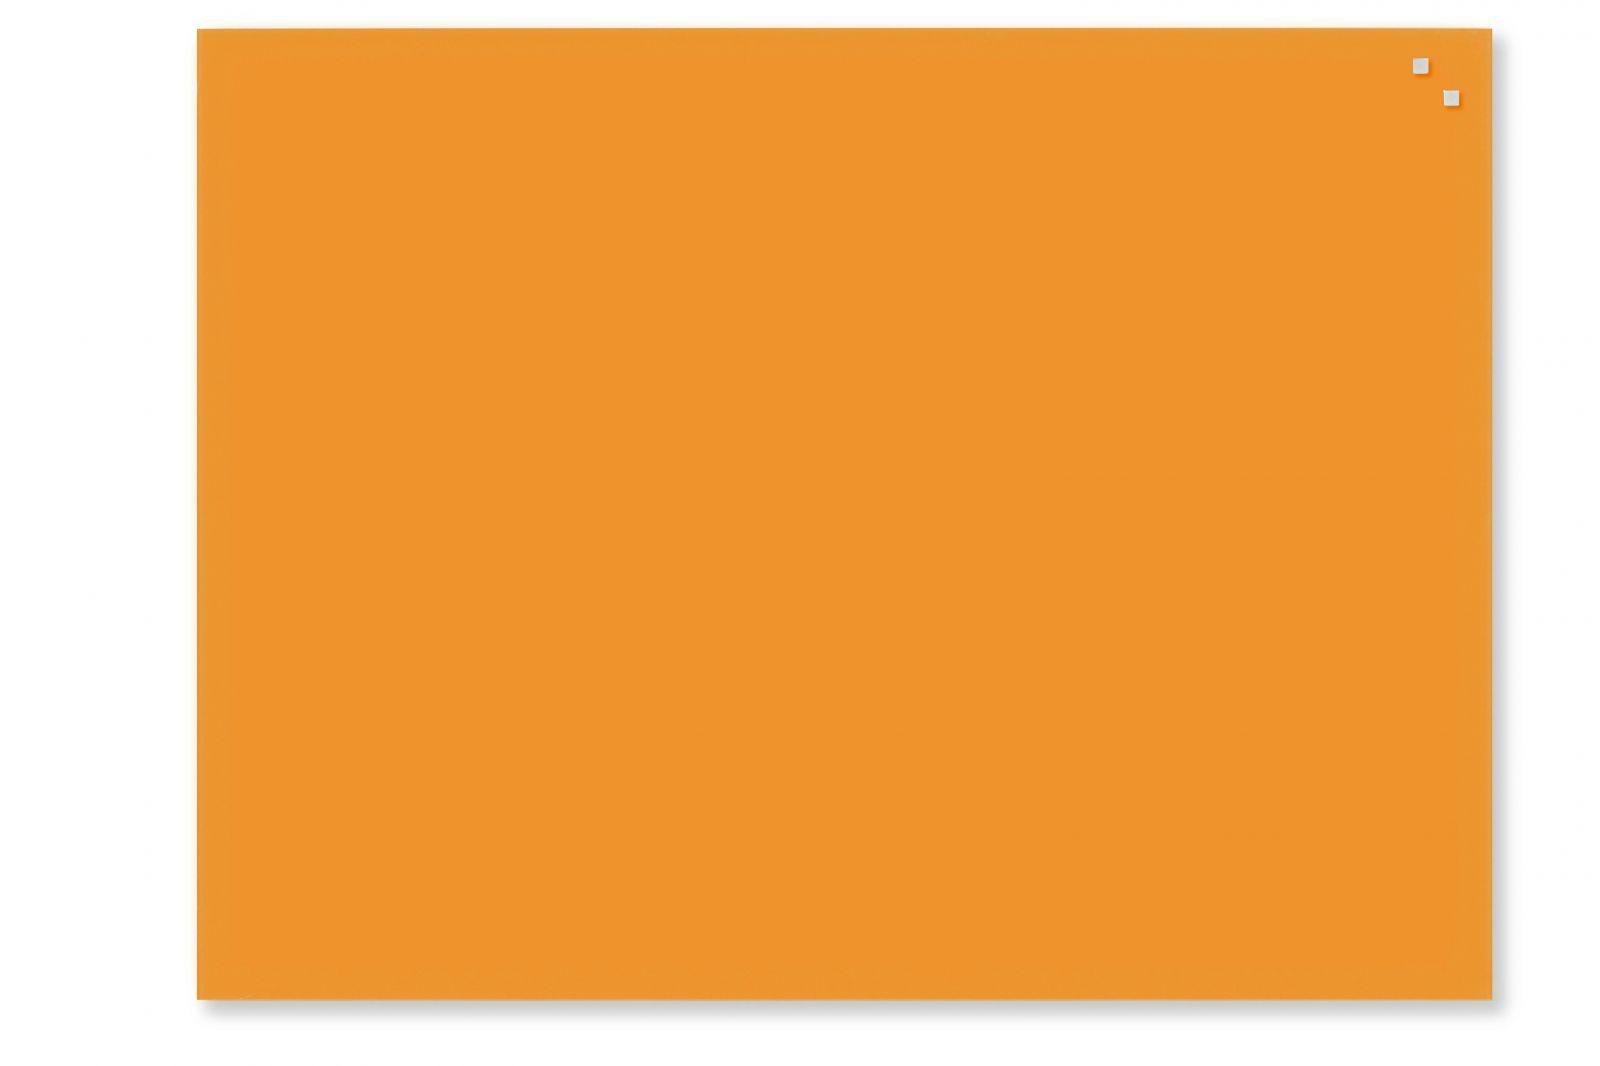 Skleněná magnetická tabule, 60x80 cm, Oranžová